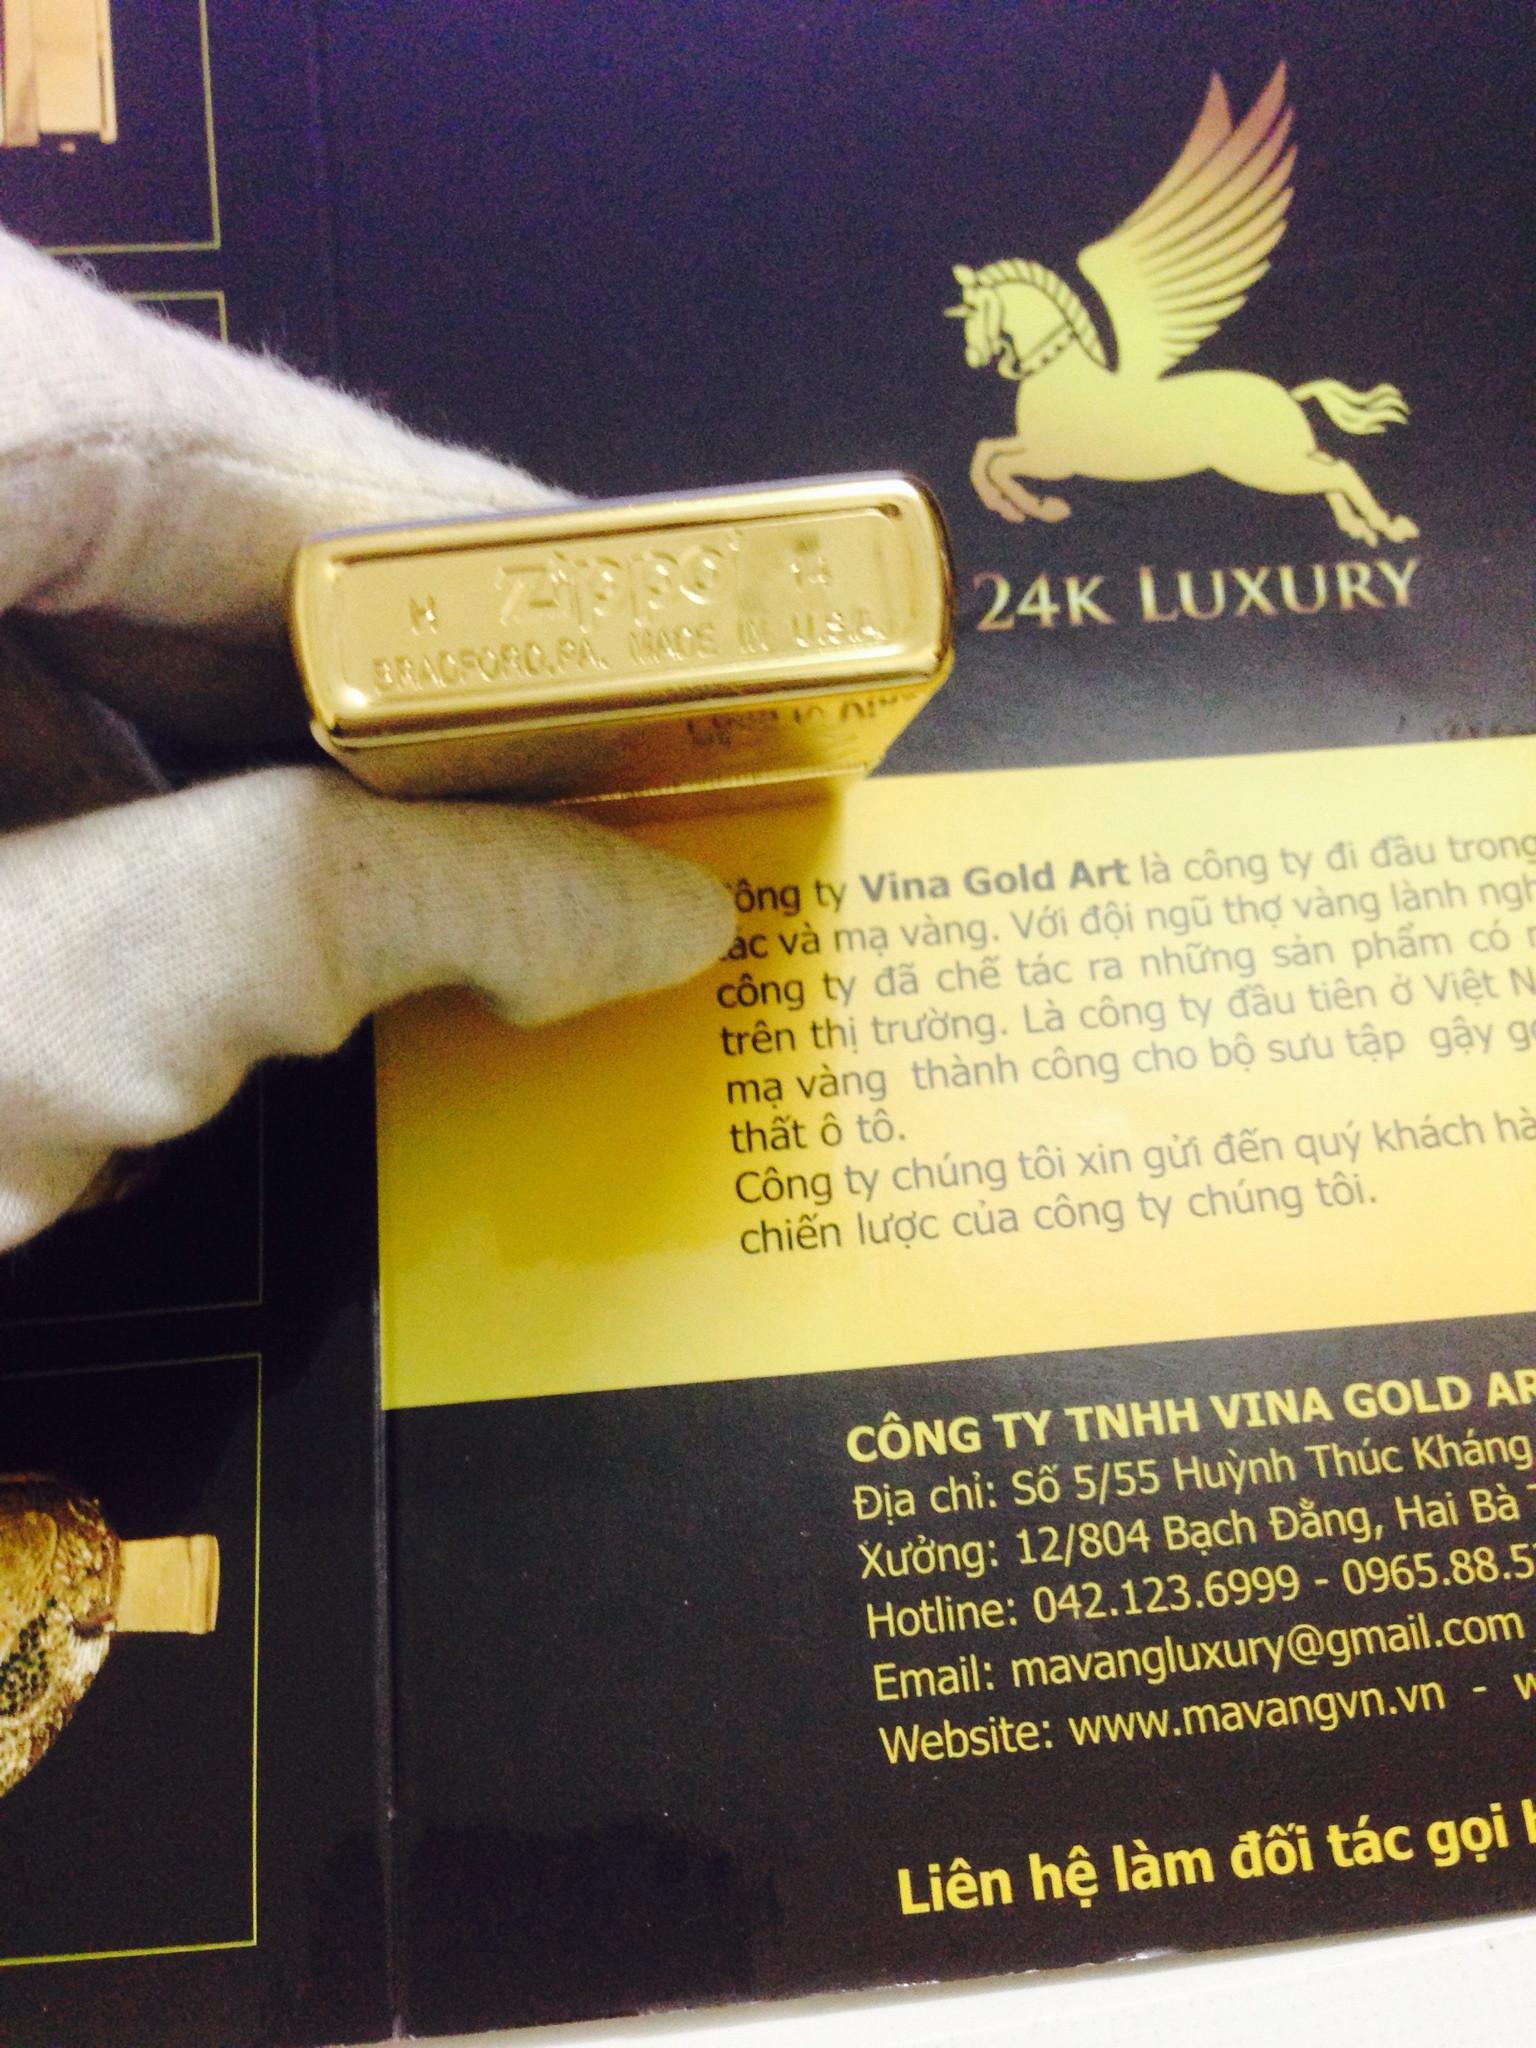 Tất cả các góc cạnh của zippo được mạ vàng 24k